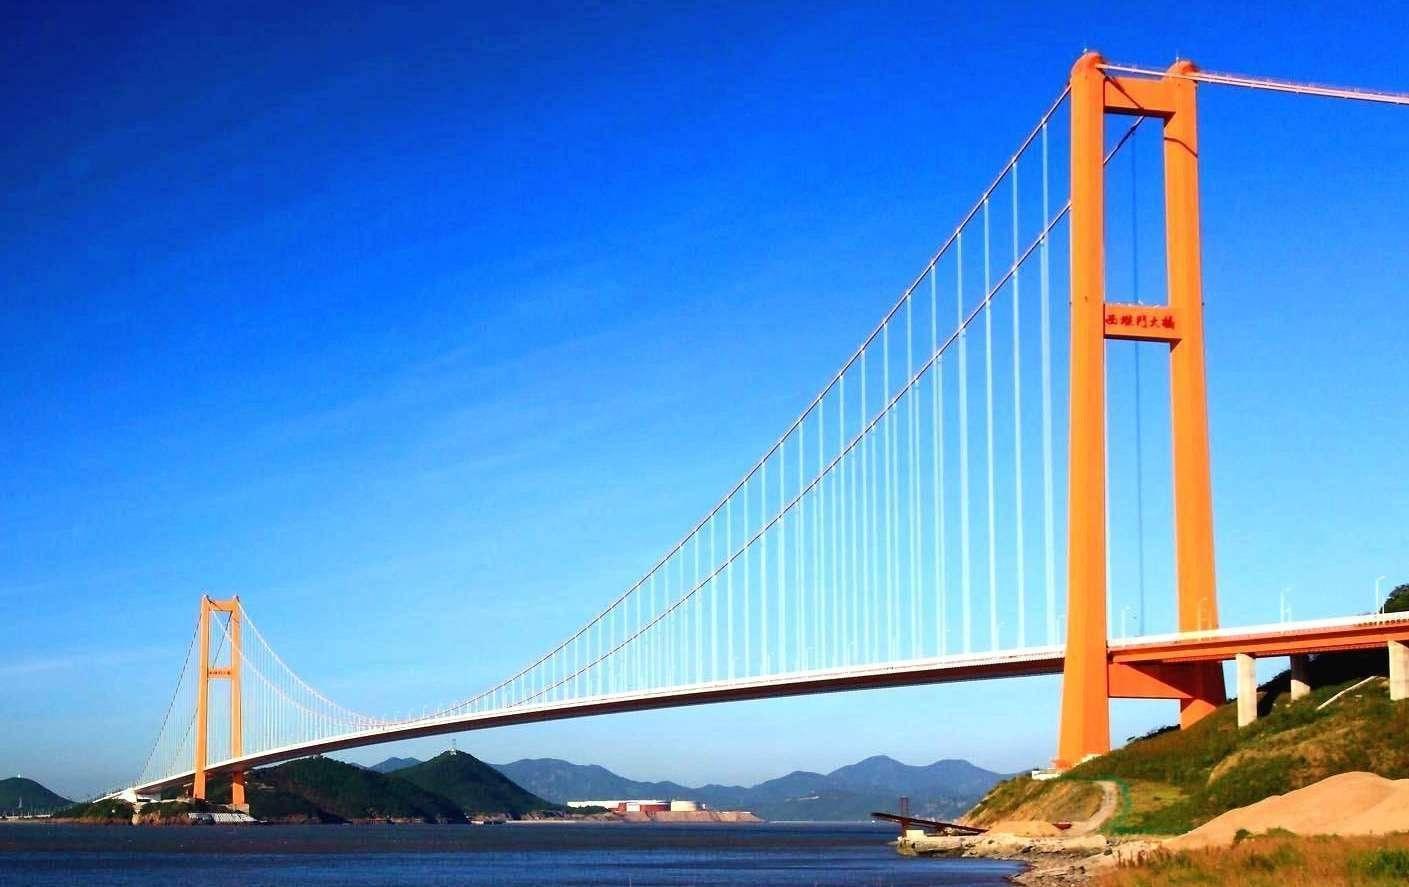 宁波的gdp不算到宁波港吗_宁波港GDP几千亿 如果港口 炼化算宁波的,就超过南京杭州